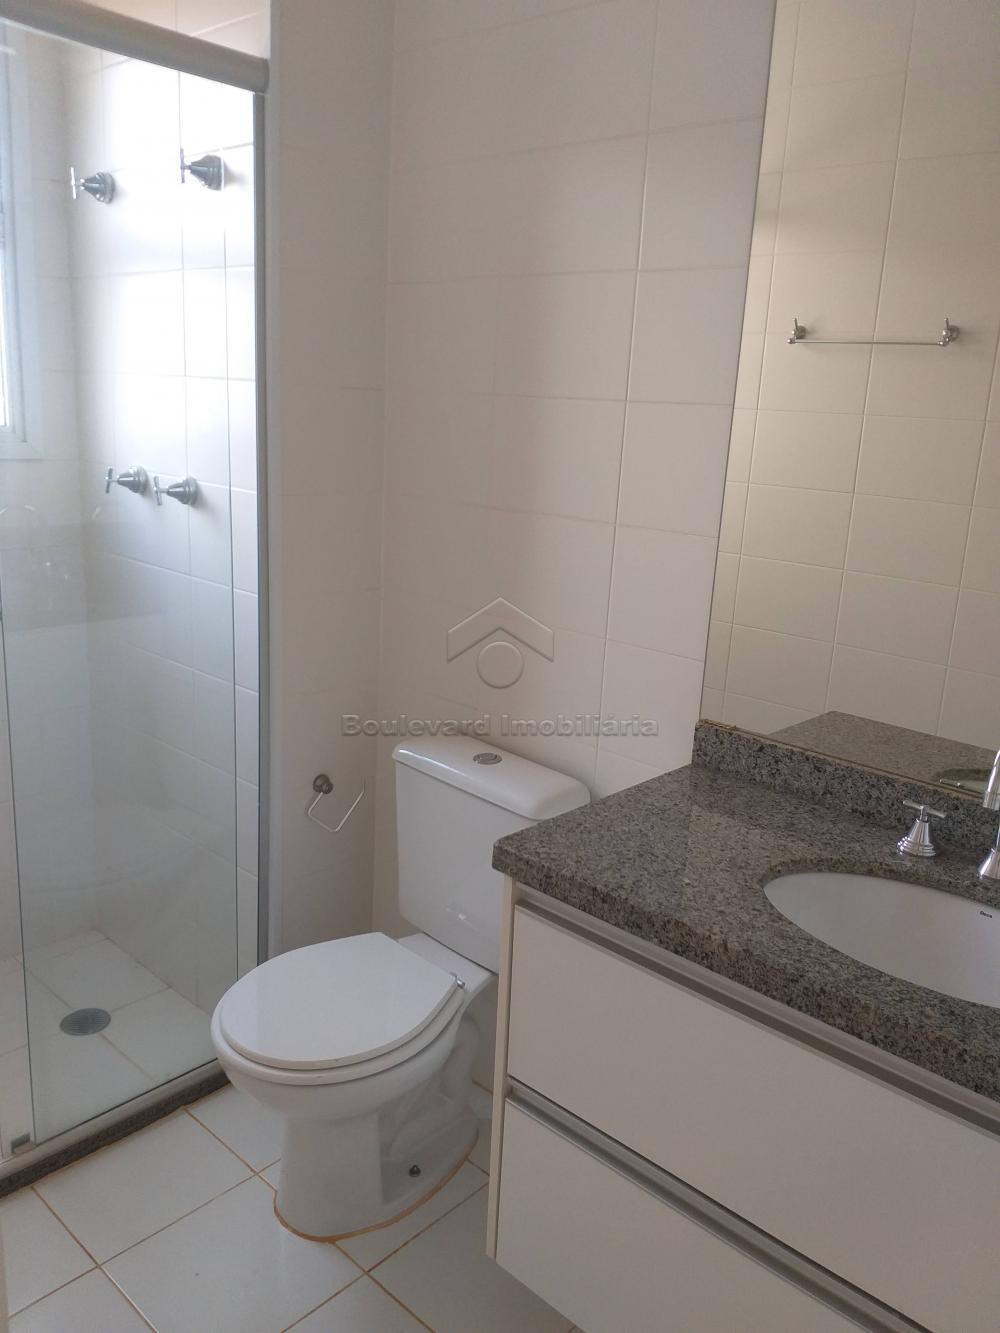 Comprar Apartamento / Padrão em Ribeirão Preto apenas R$ 499.000,00 - Foto 17